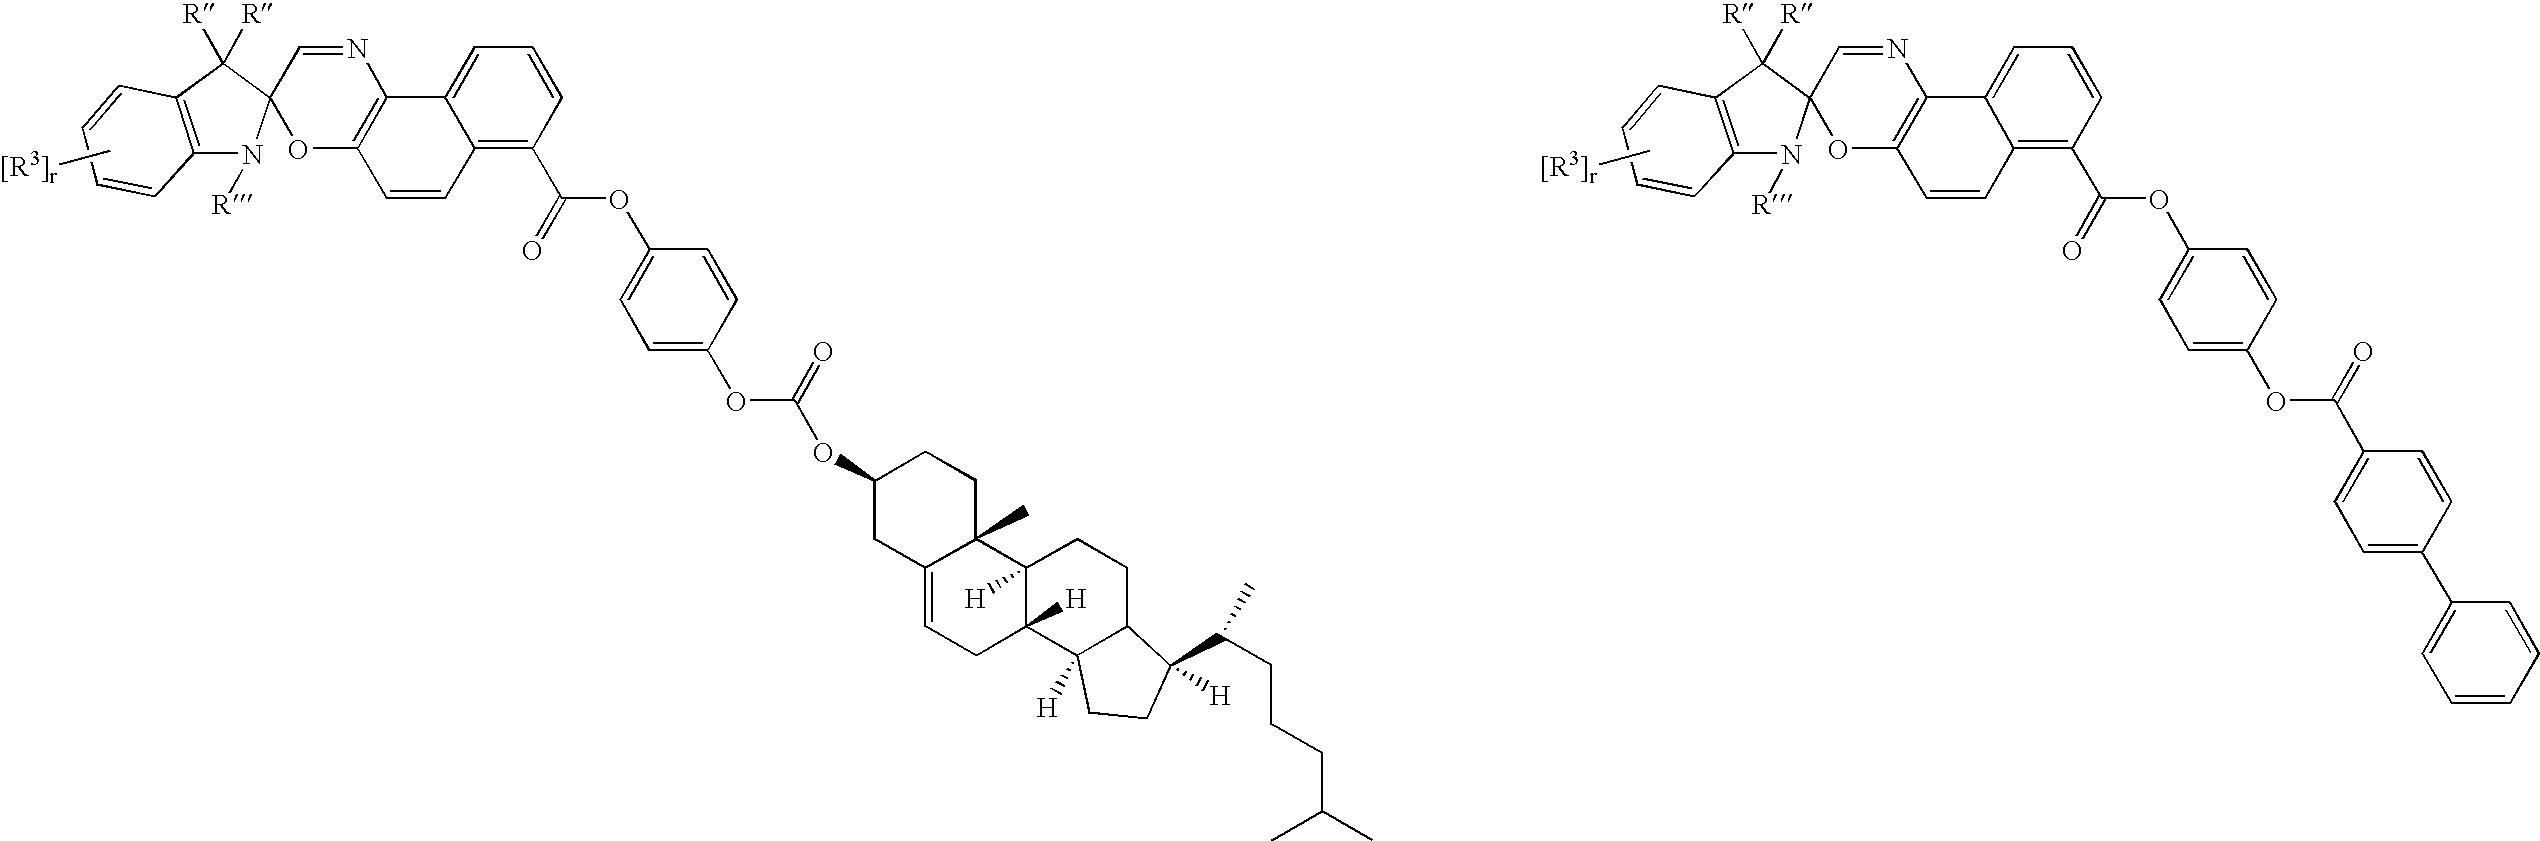 Figure US20070053048A1-20070308-C00032